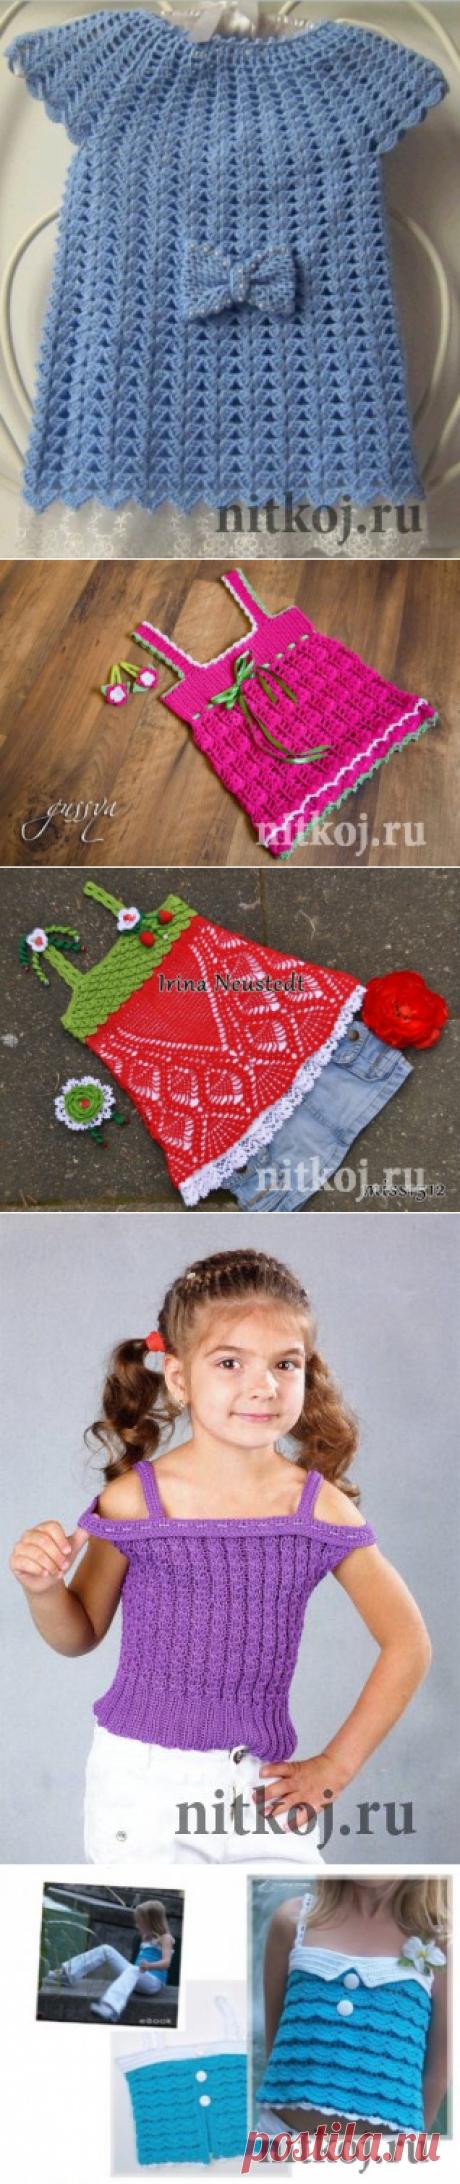 Летние детские кофточки » Страница 2 » Ниткой - вязаные вещи для вашего дома, вязание крючком, вязание спицами, схемы вязания